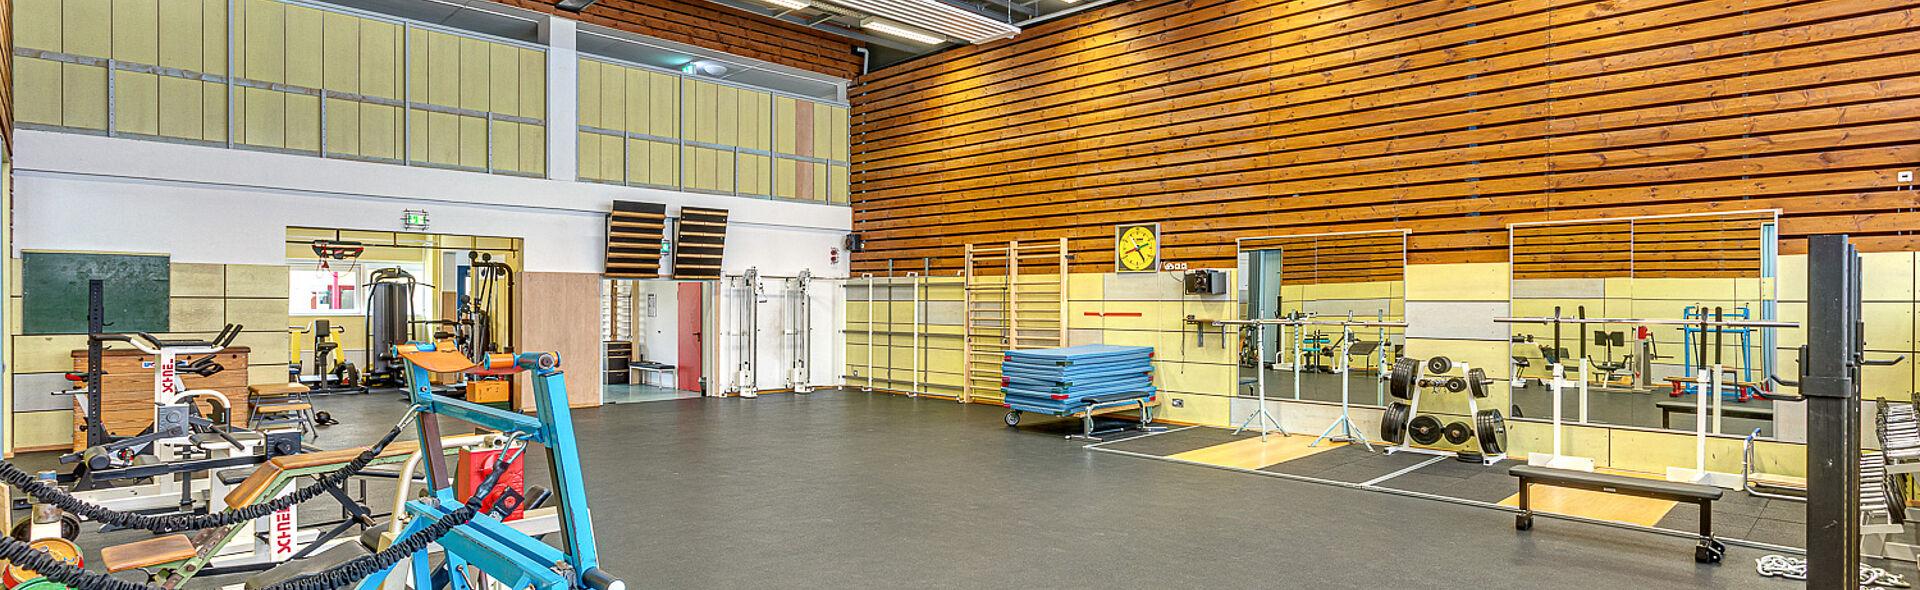 Krafthalle Trainingszentrum Bundesstützpunkt Oberwiesenthal